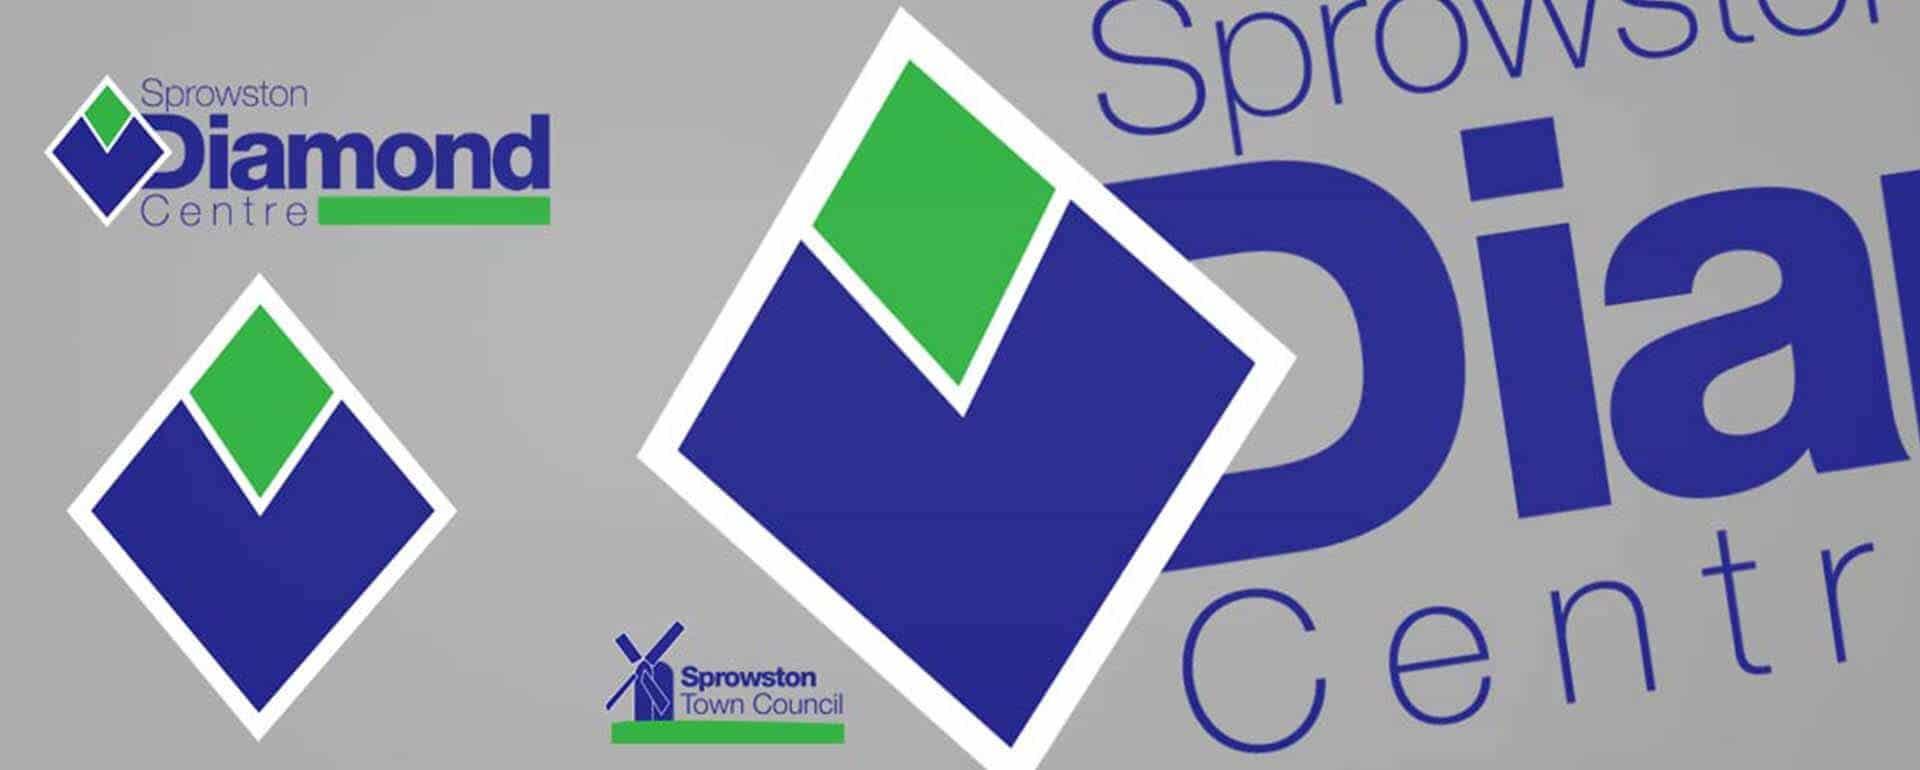 Diamond Centre Sprowston Logo Design